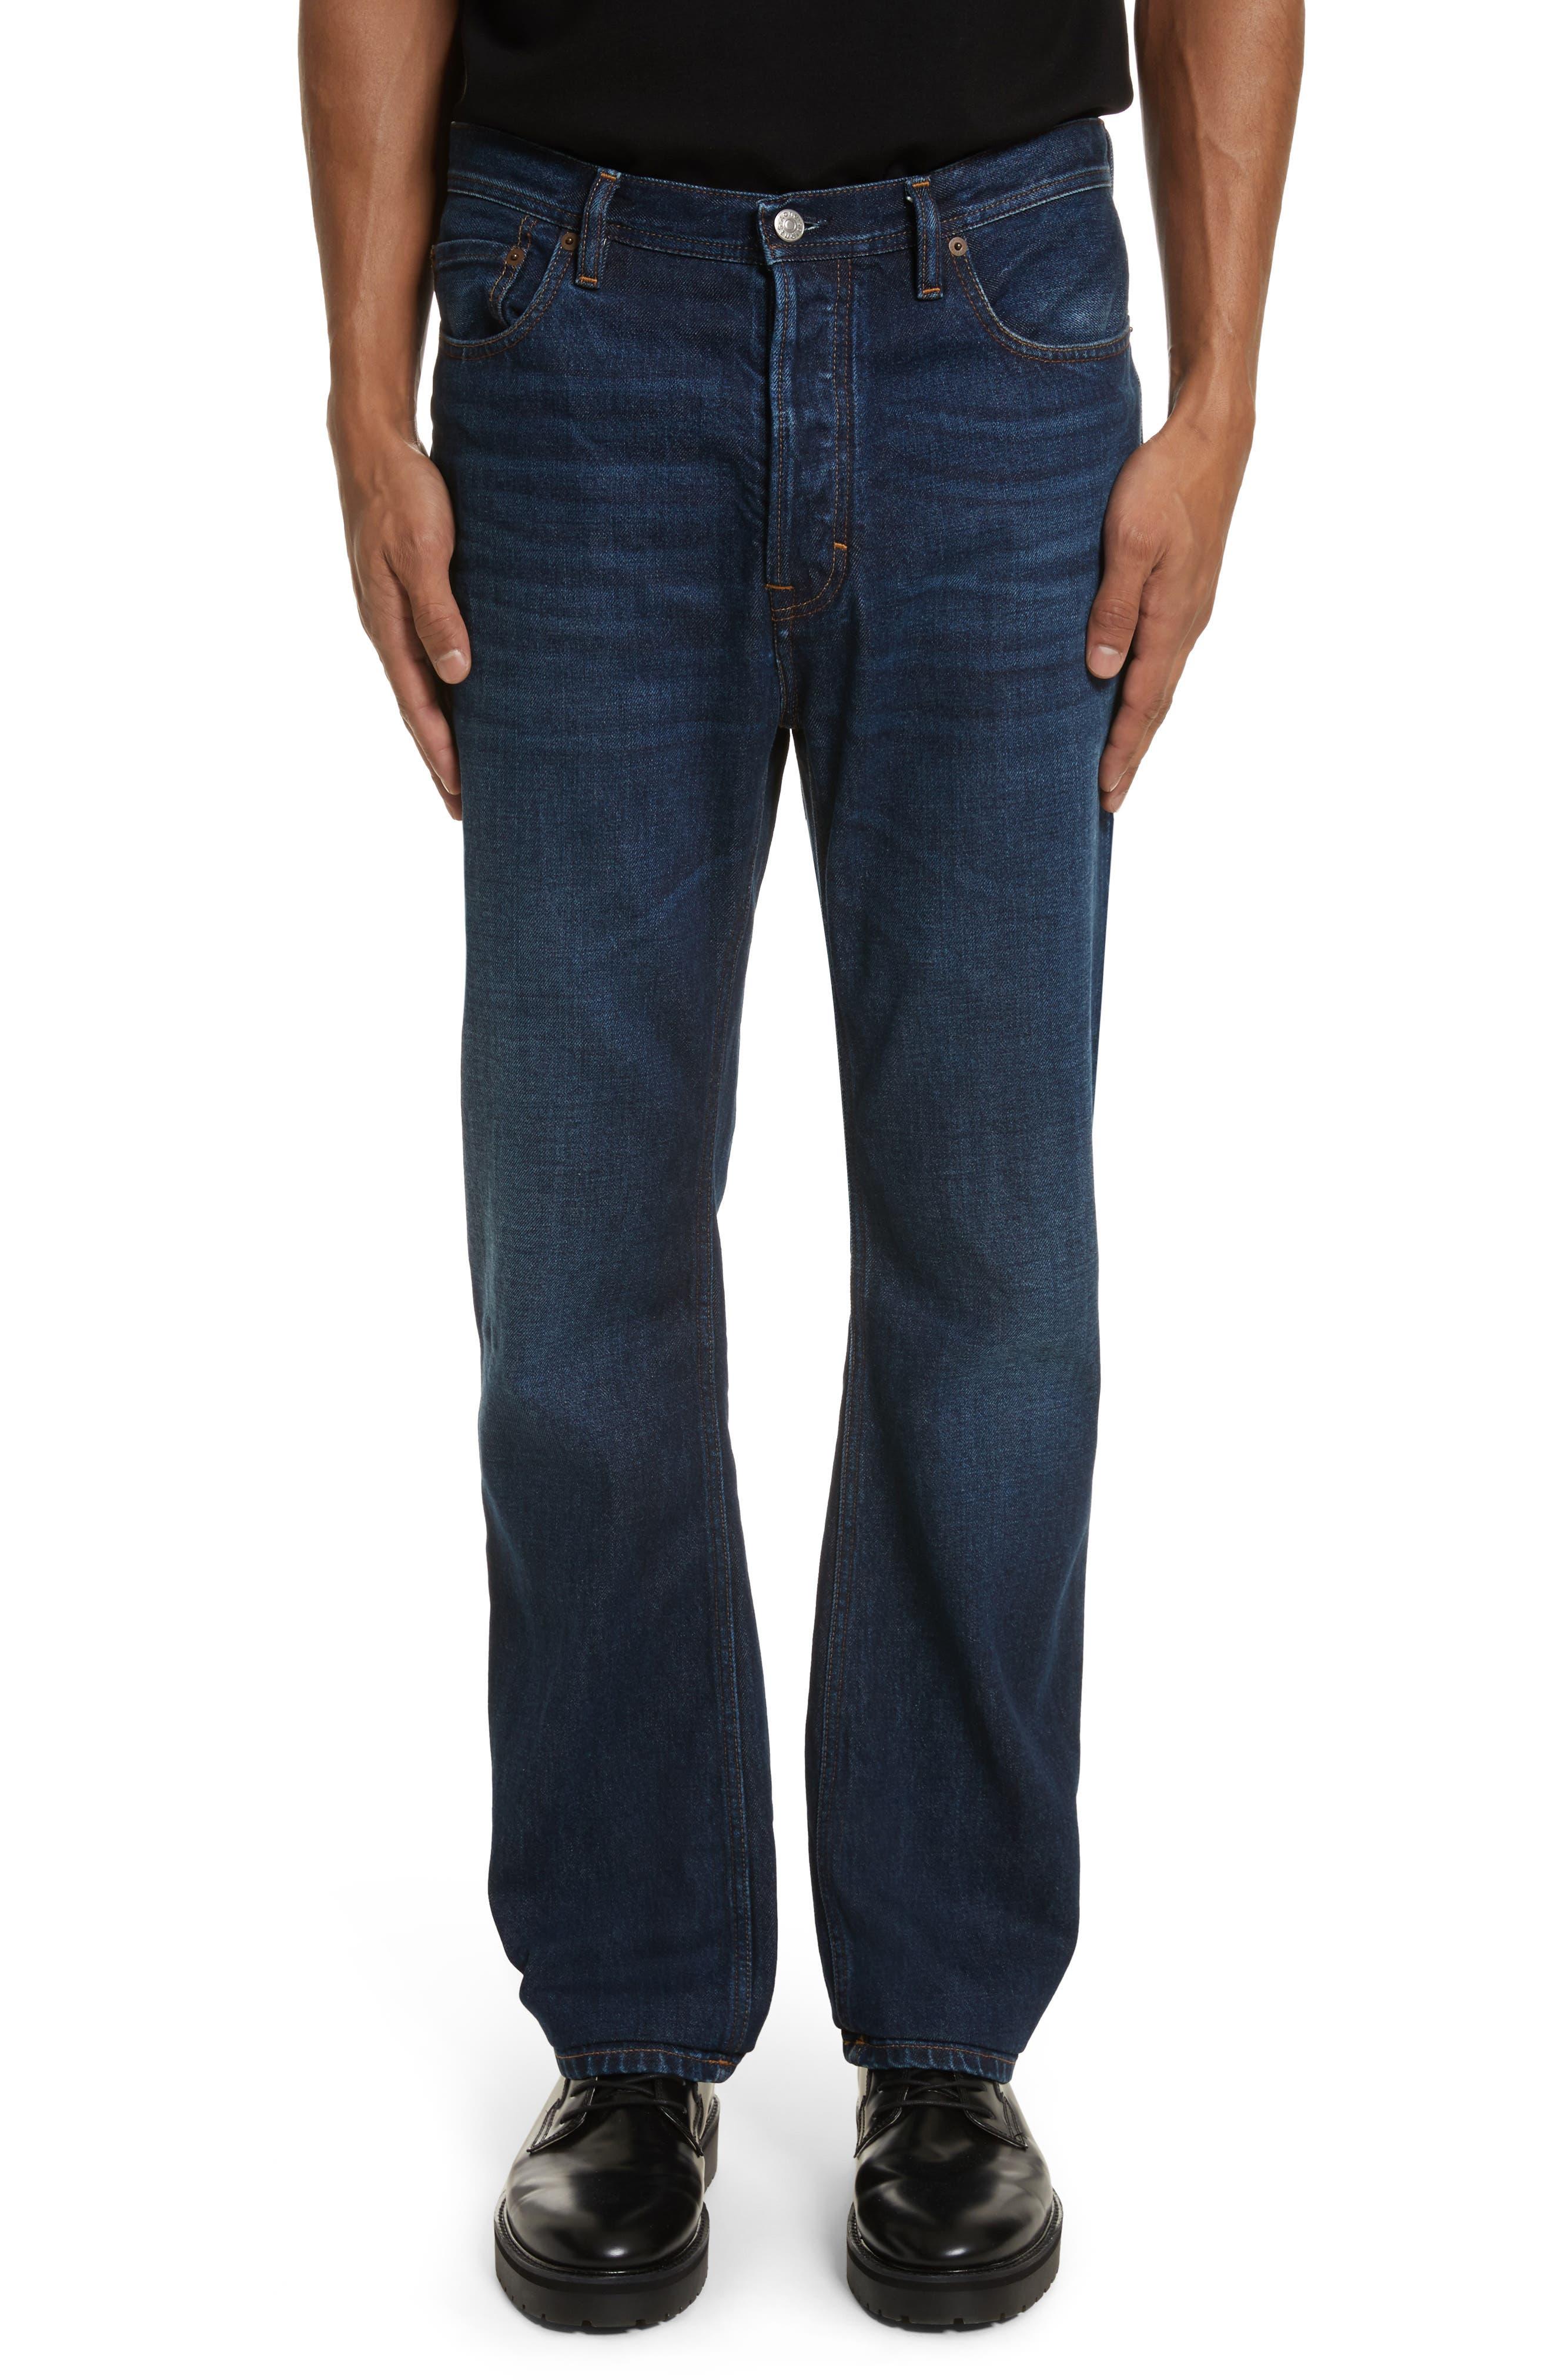 Land Classic Straight Leg Jeans,                         Main,                         color, 123 Dk Blue